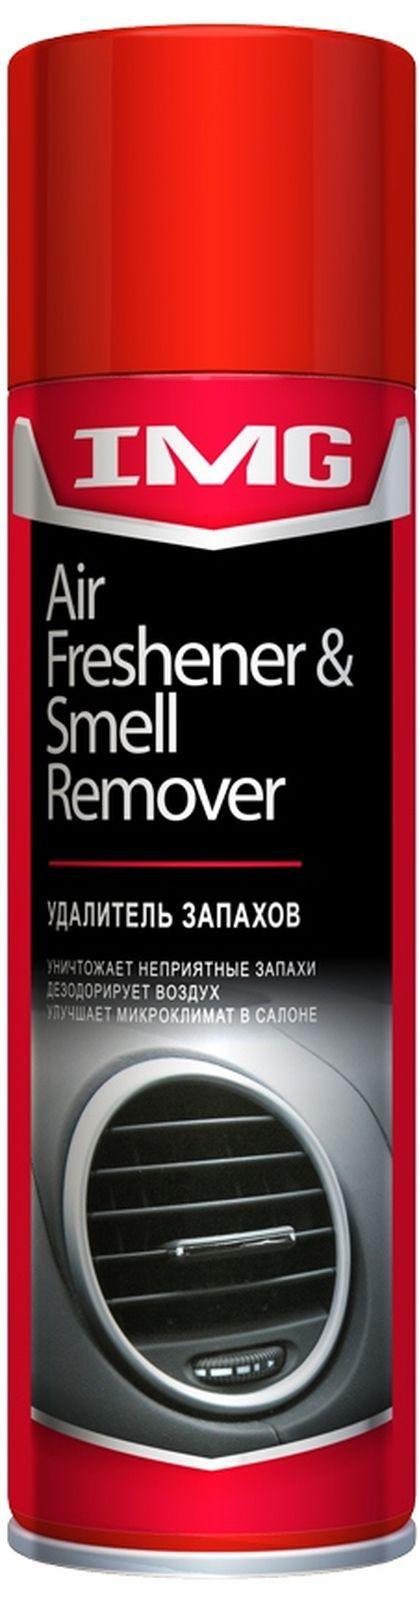 Нейтрализатор запахов IMG, 650 мл